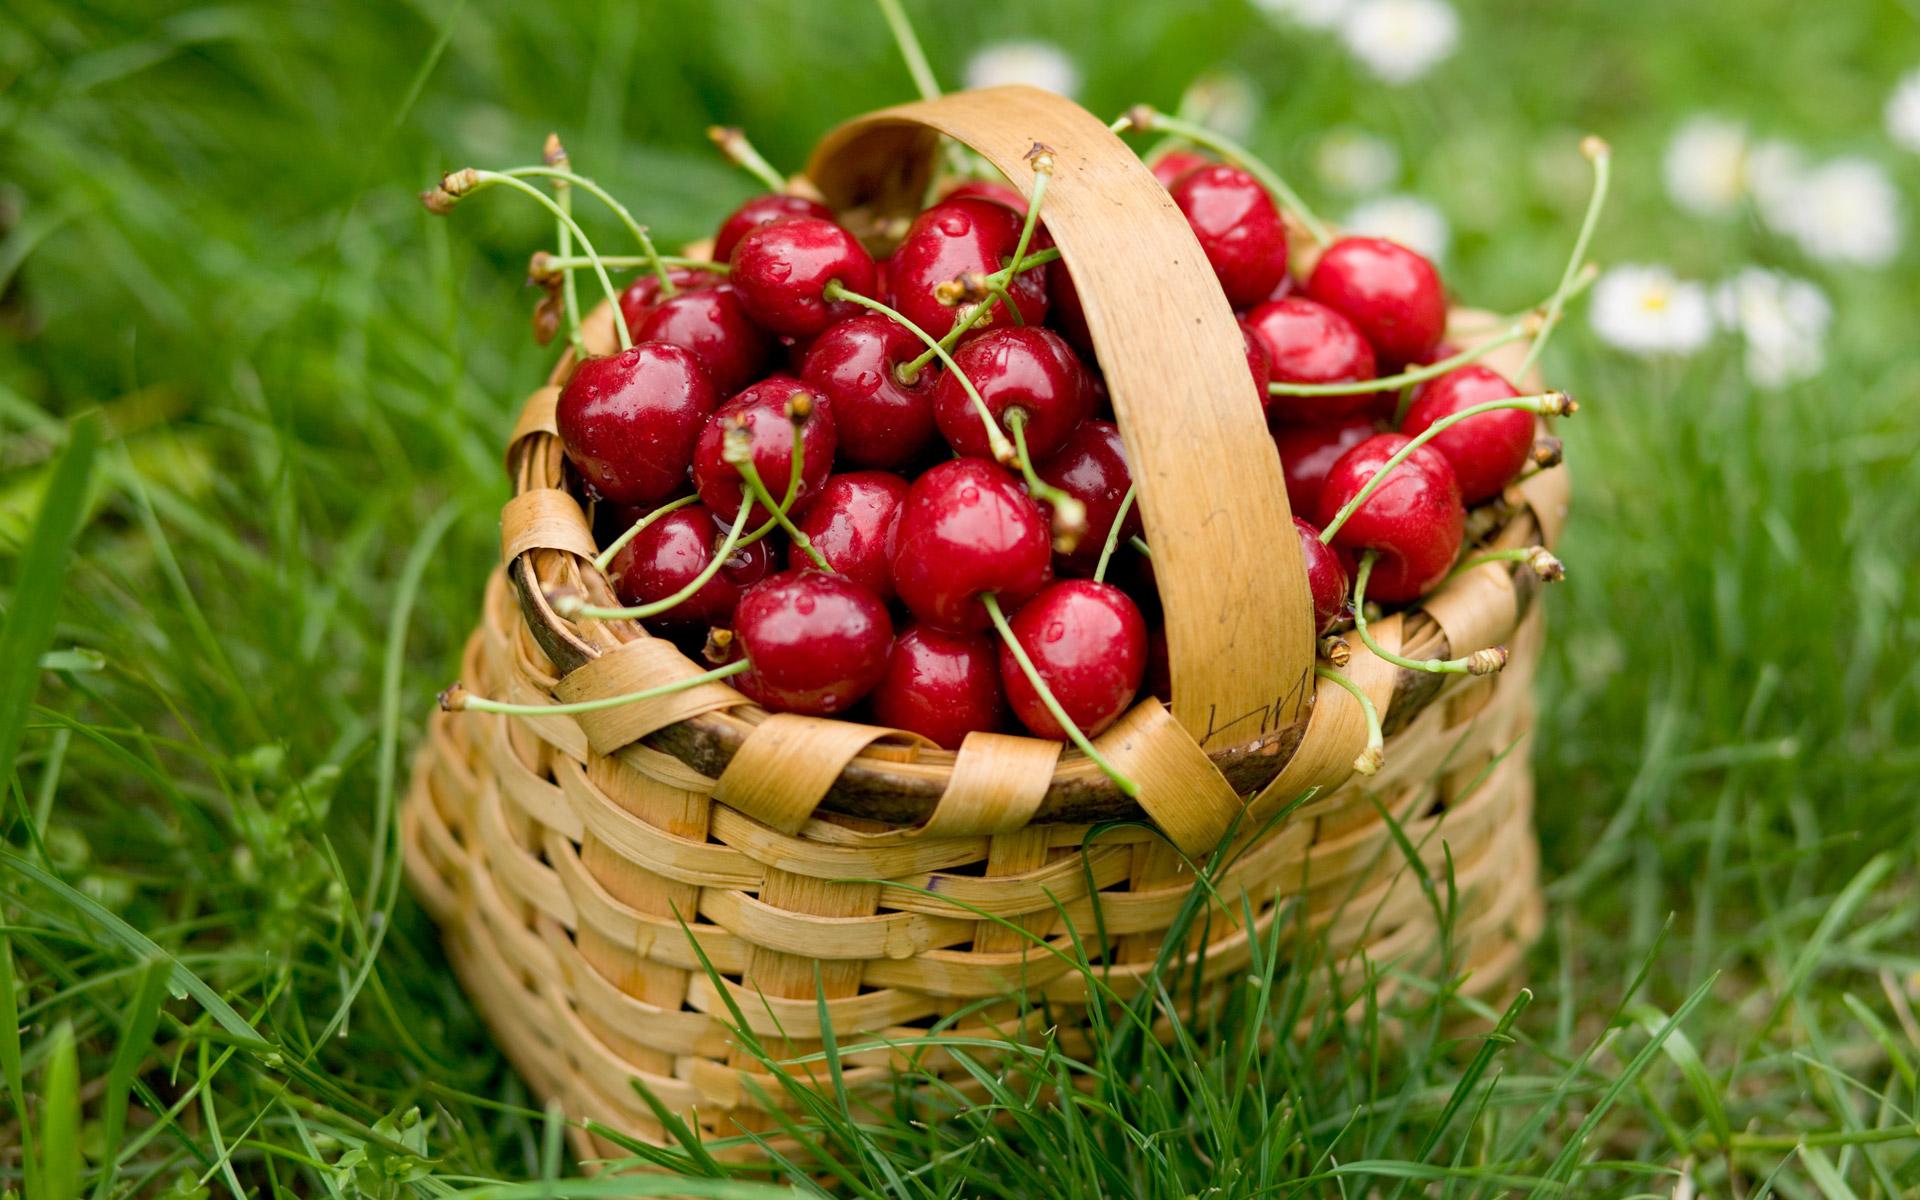 معرفی میوههایی که دیوانهوار چربیها را میسوزانند